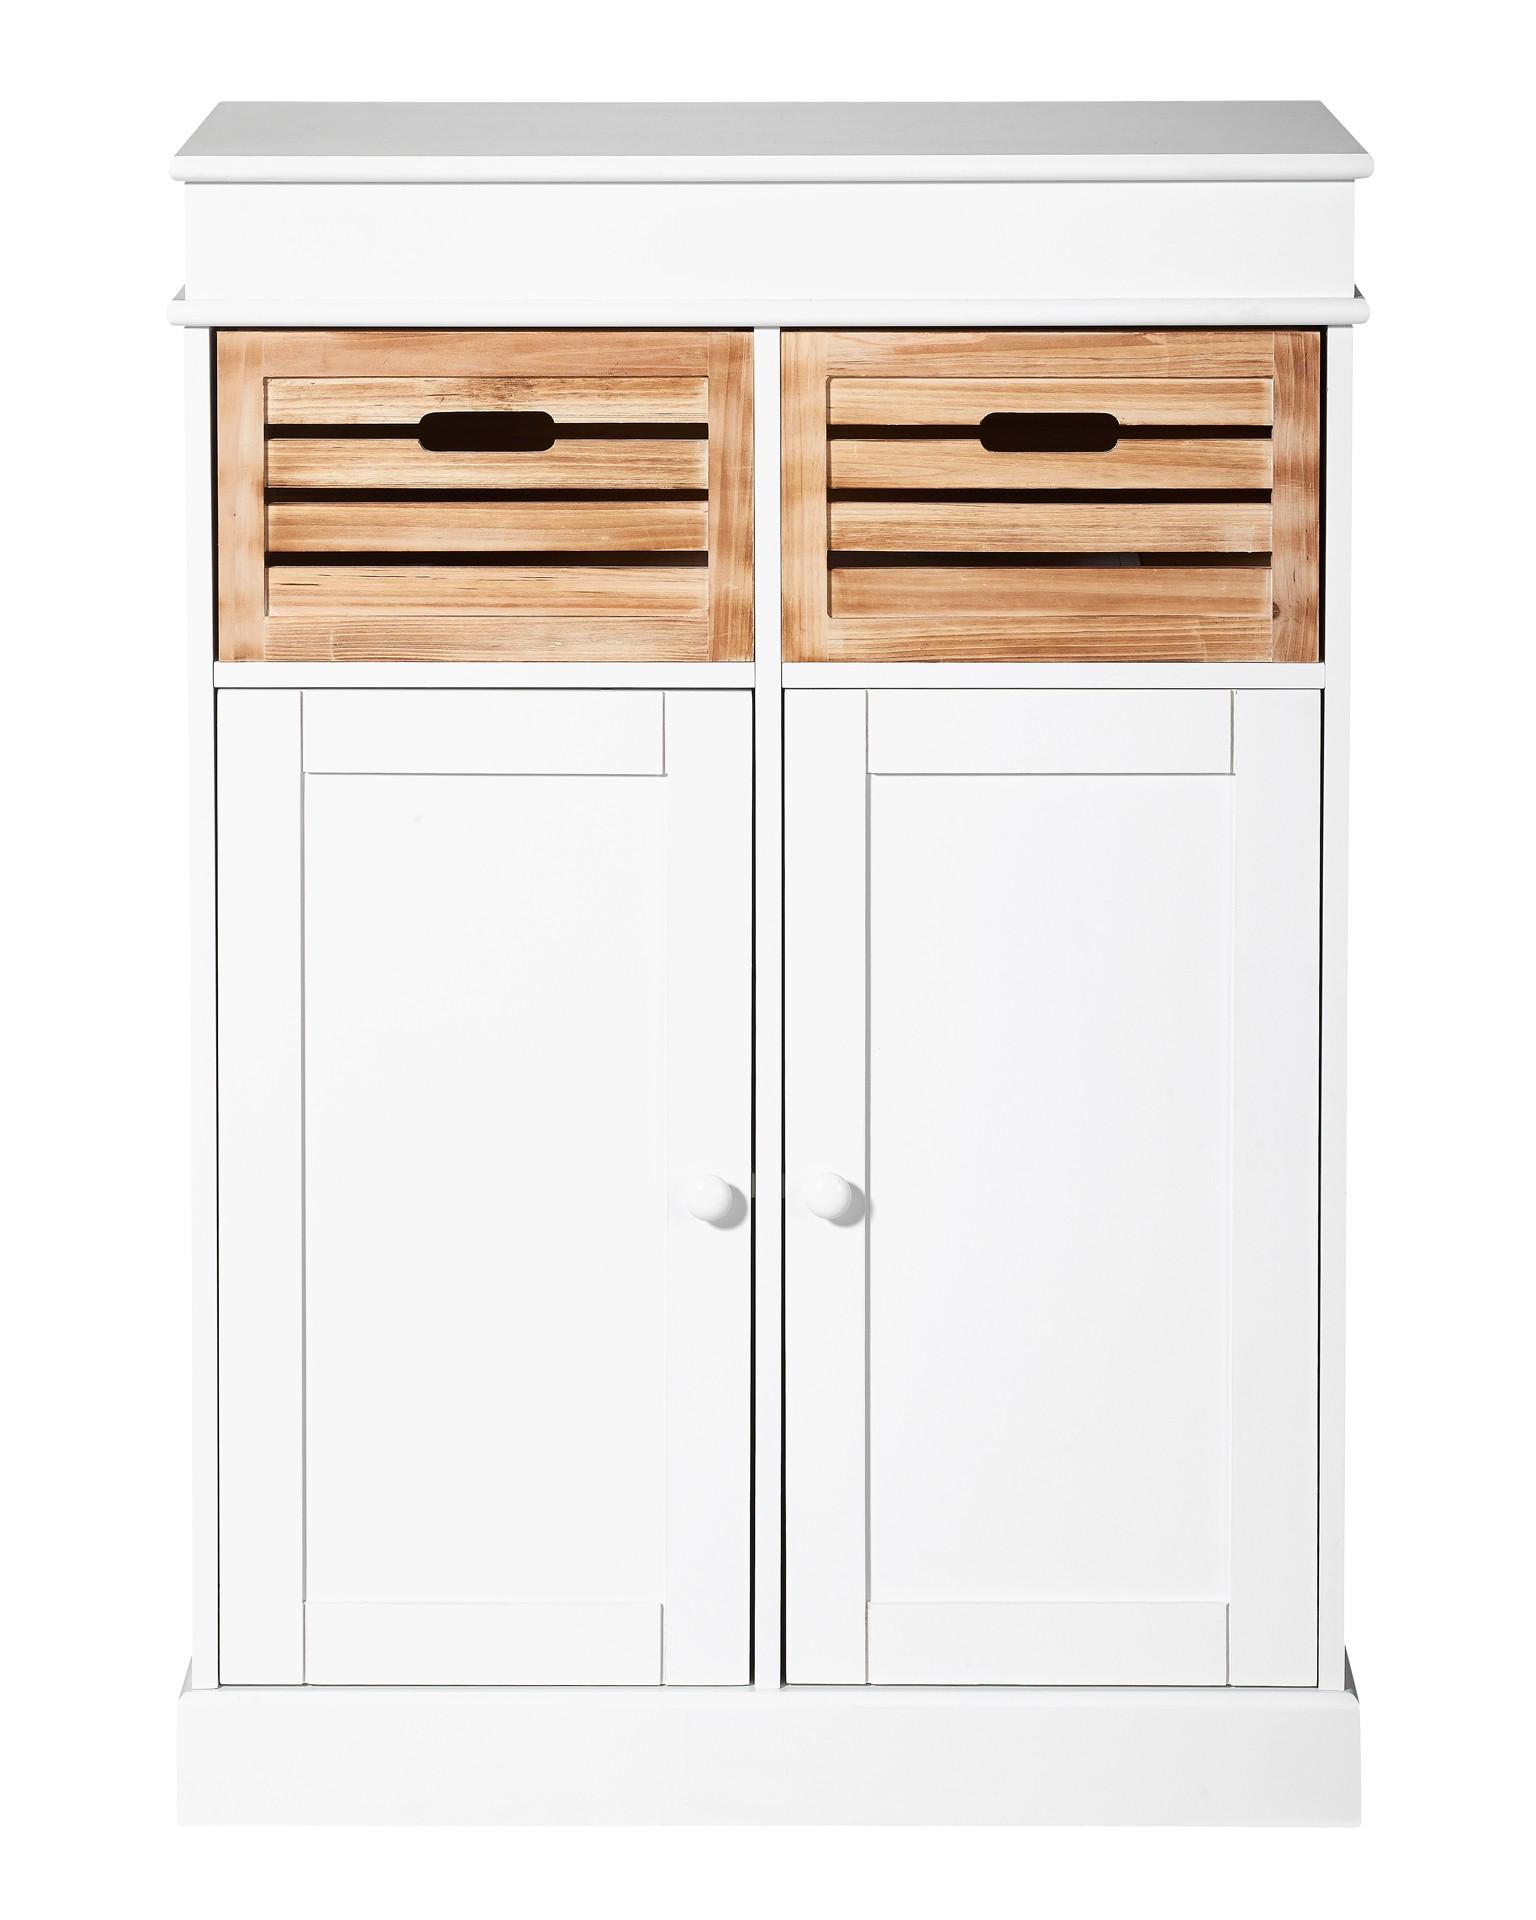 29 sparen kommode paulina aus dem d nischen bettenlager nur 119 95 cherry m bel. Black Bedroom Furniture Sets. Home Design Ideas